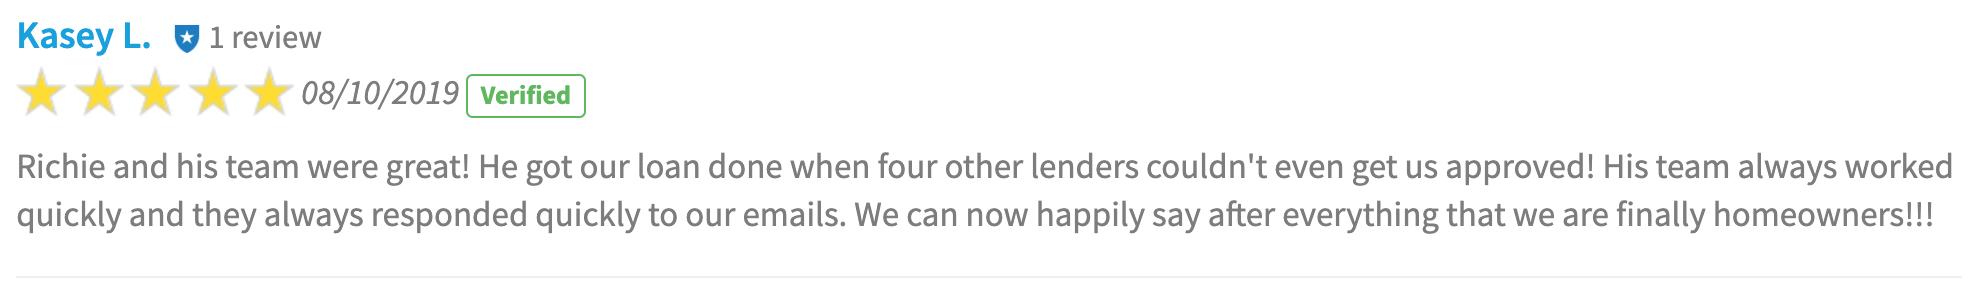 BuildBuyRefi-Reviews-August-2019.png